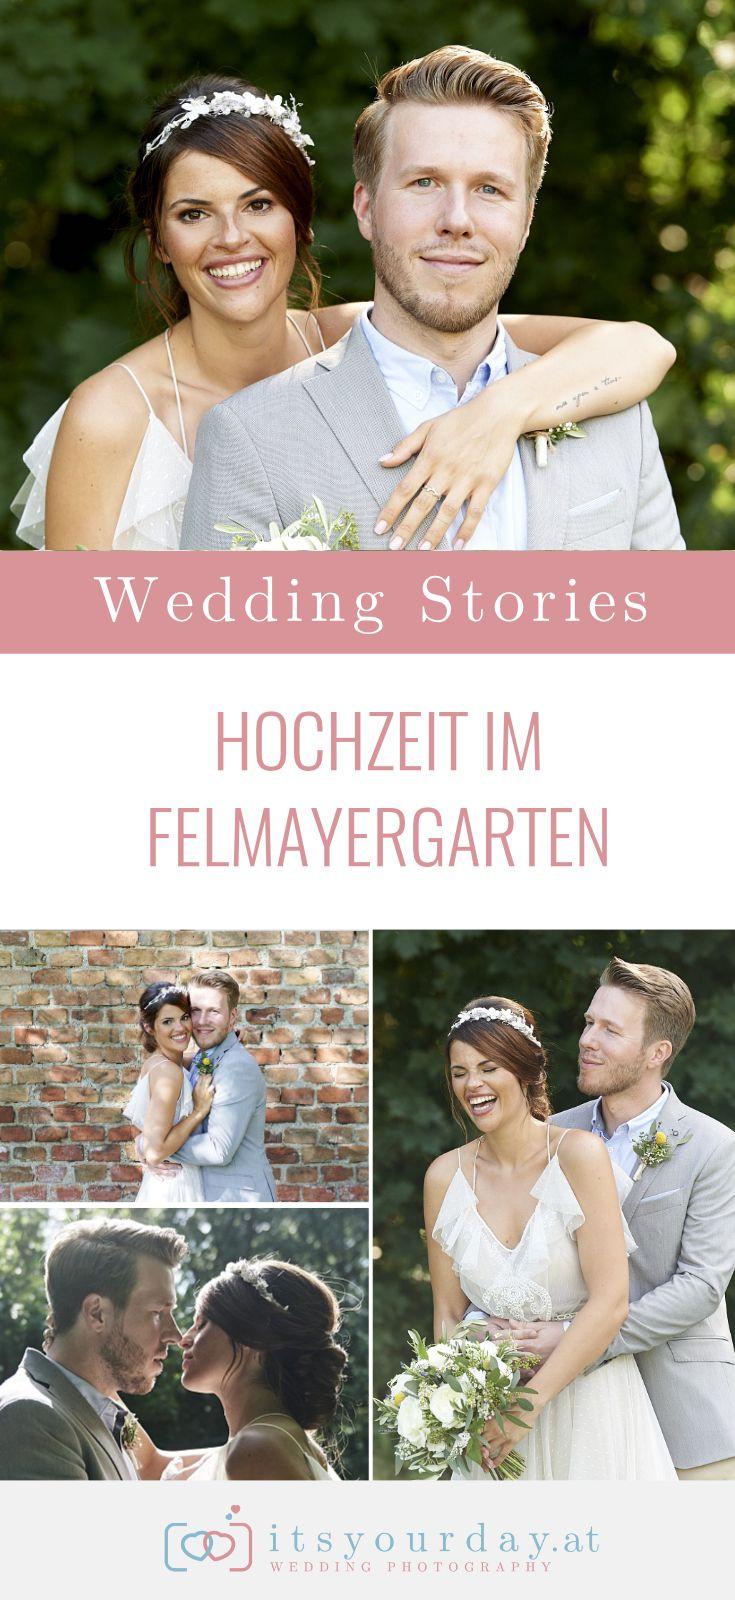 Wedding Stories Hochzeitsfotos Von Der Hochzeit Im Felmayergarten Hochzeitsfotos Hochzeitstipps Hochzeitsfotogra Hochzeitsfotograf Hochzeit Hochzeitsfotos